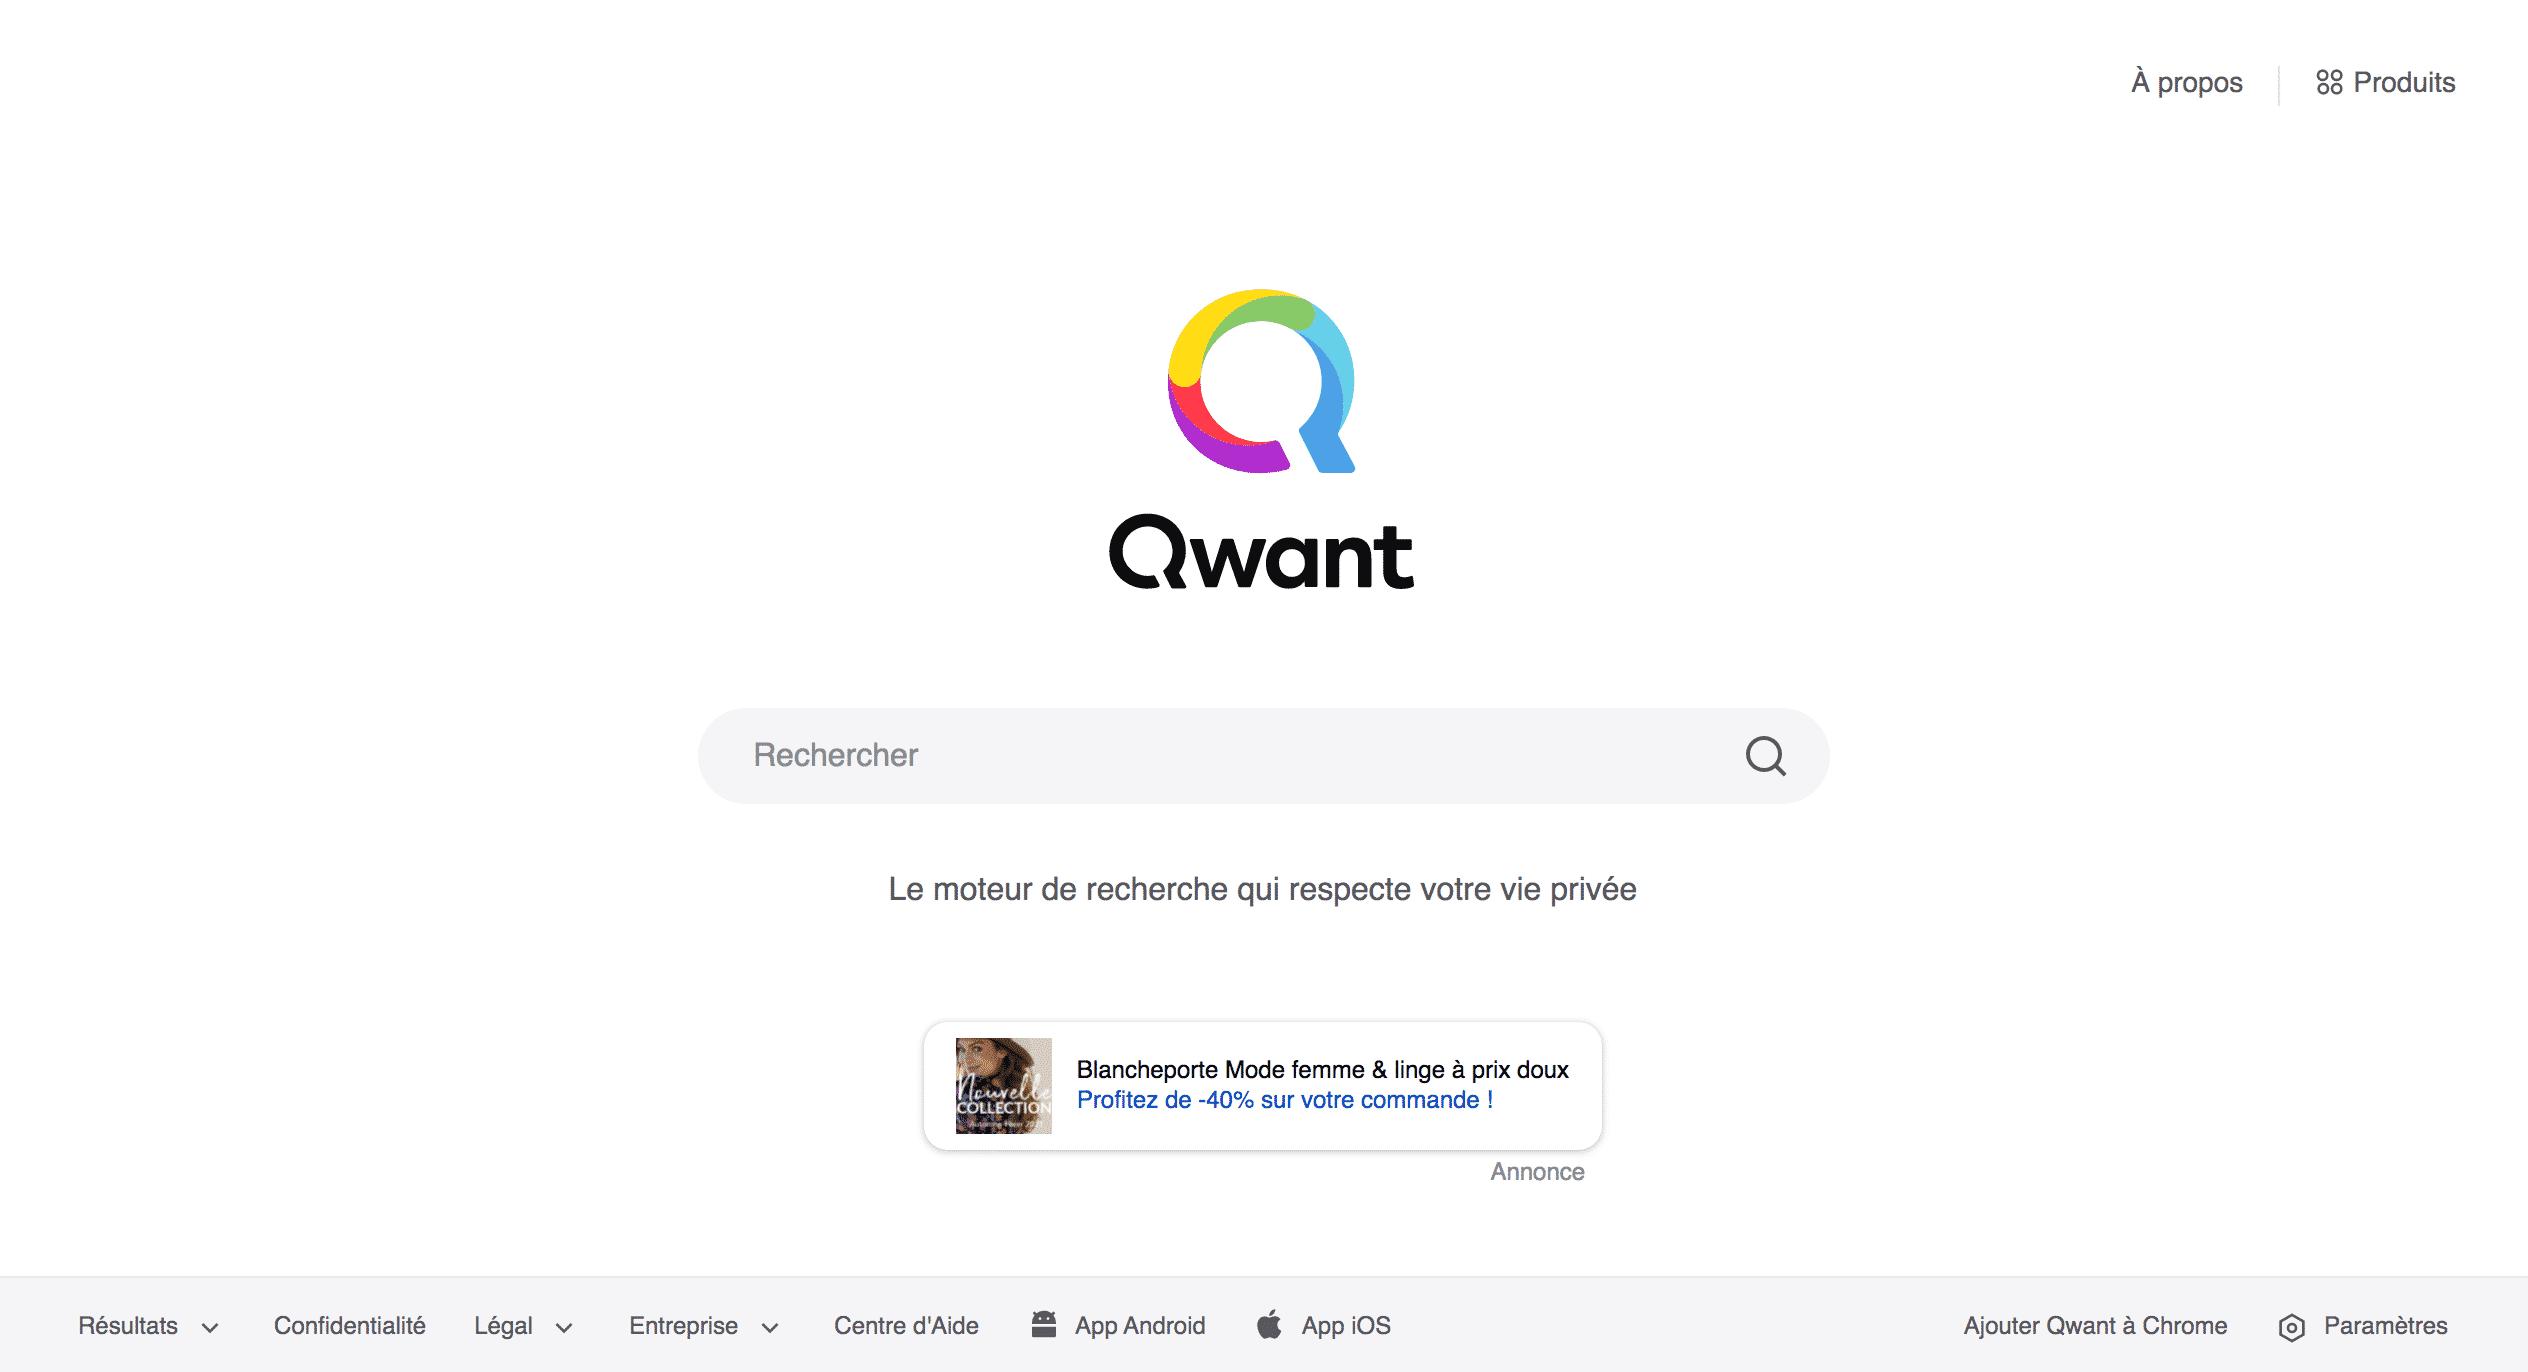 Qwant moteur de recherche